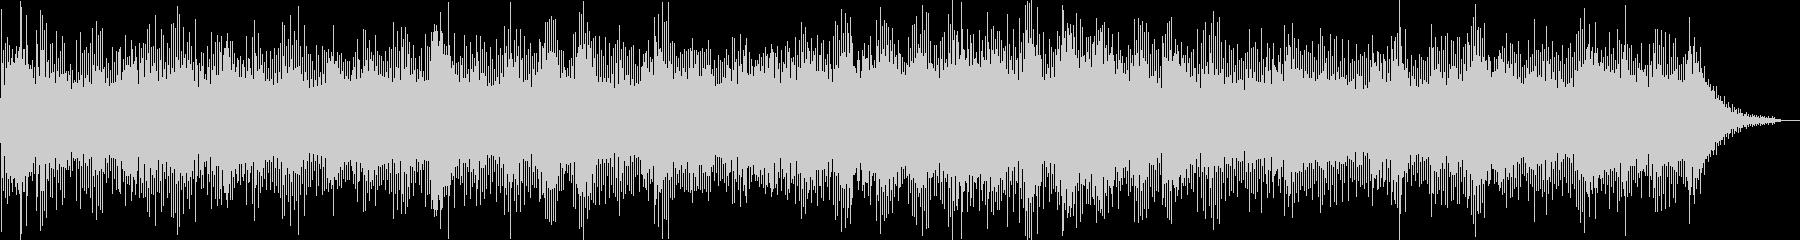 アナログシンセタムのシーケンスフレーズの未再生の波形